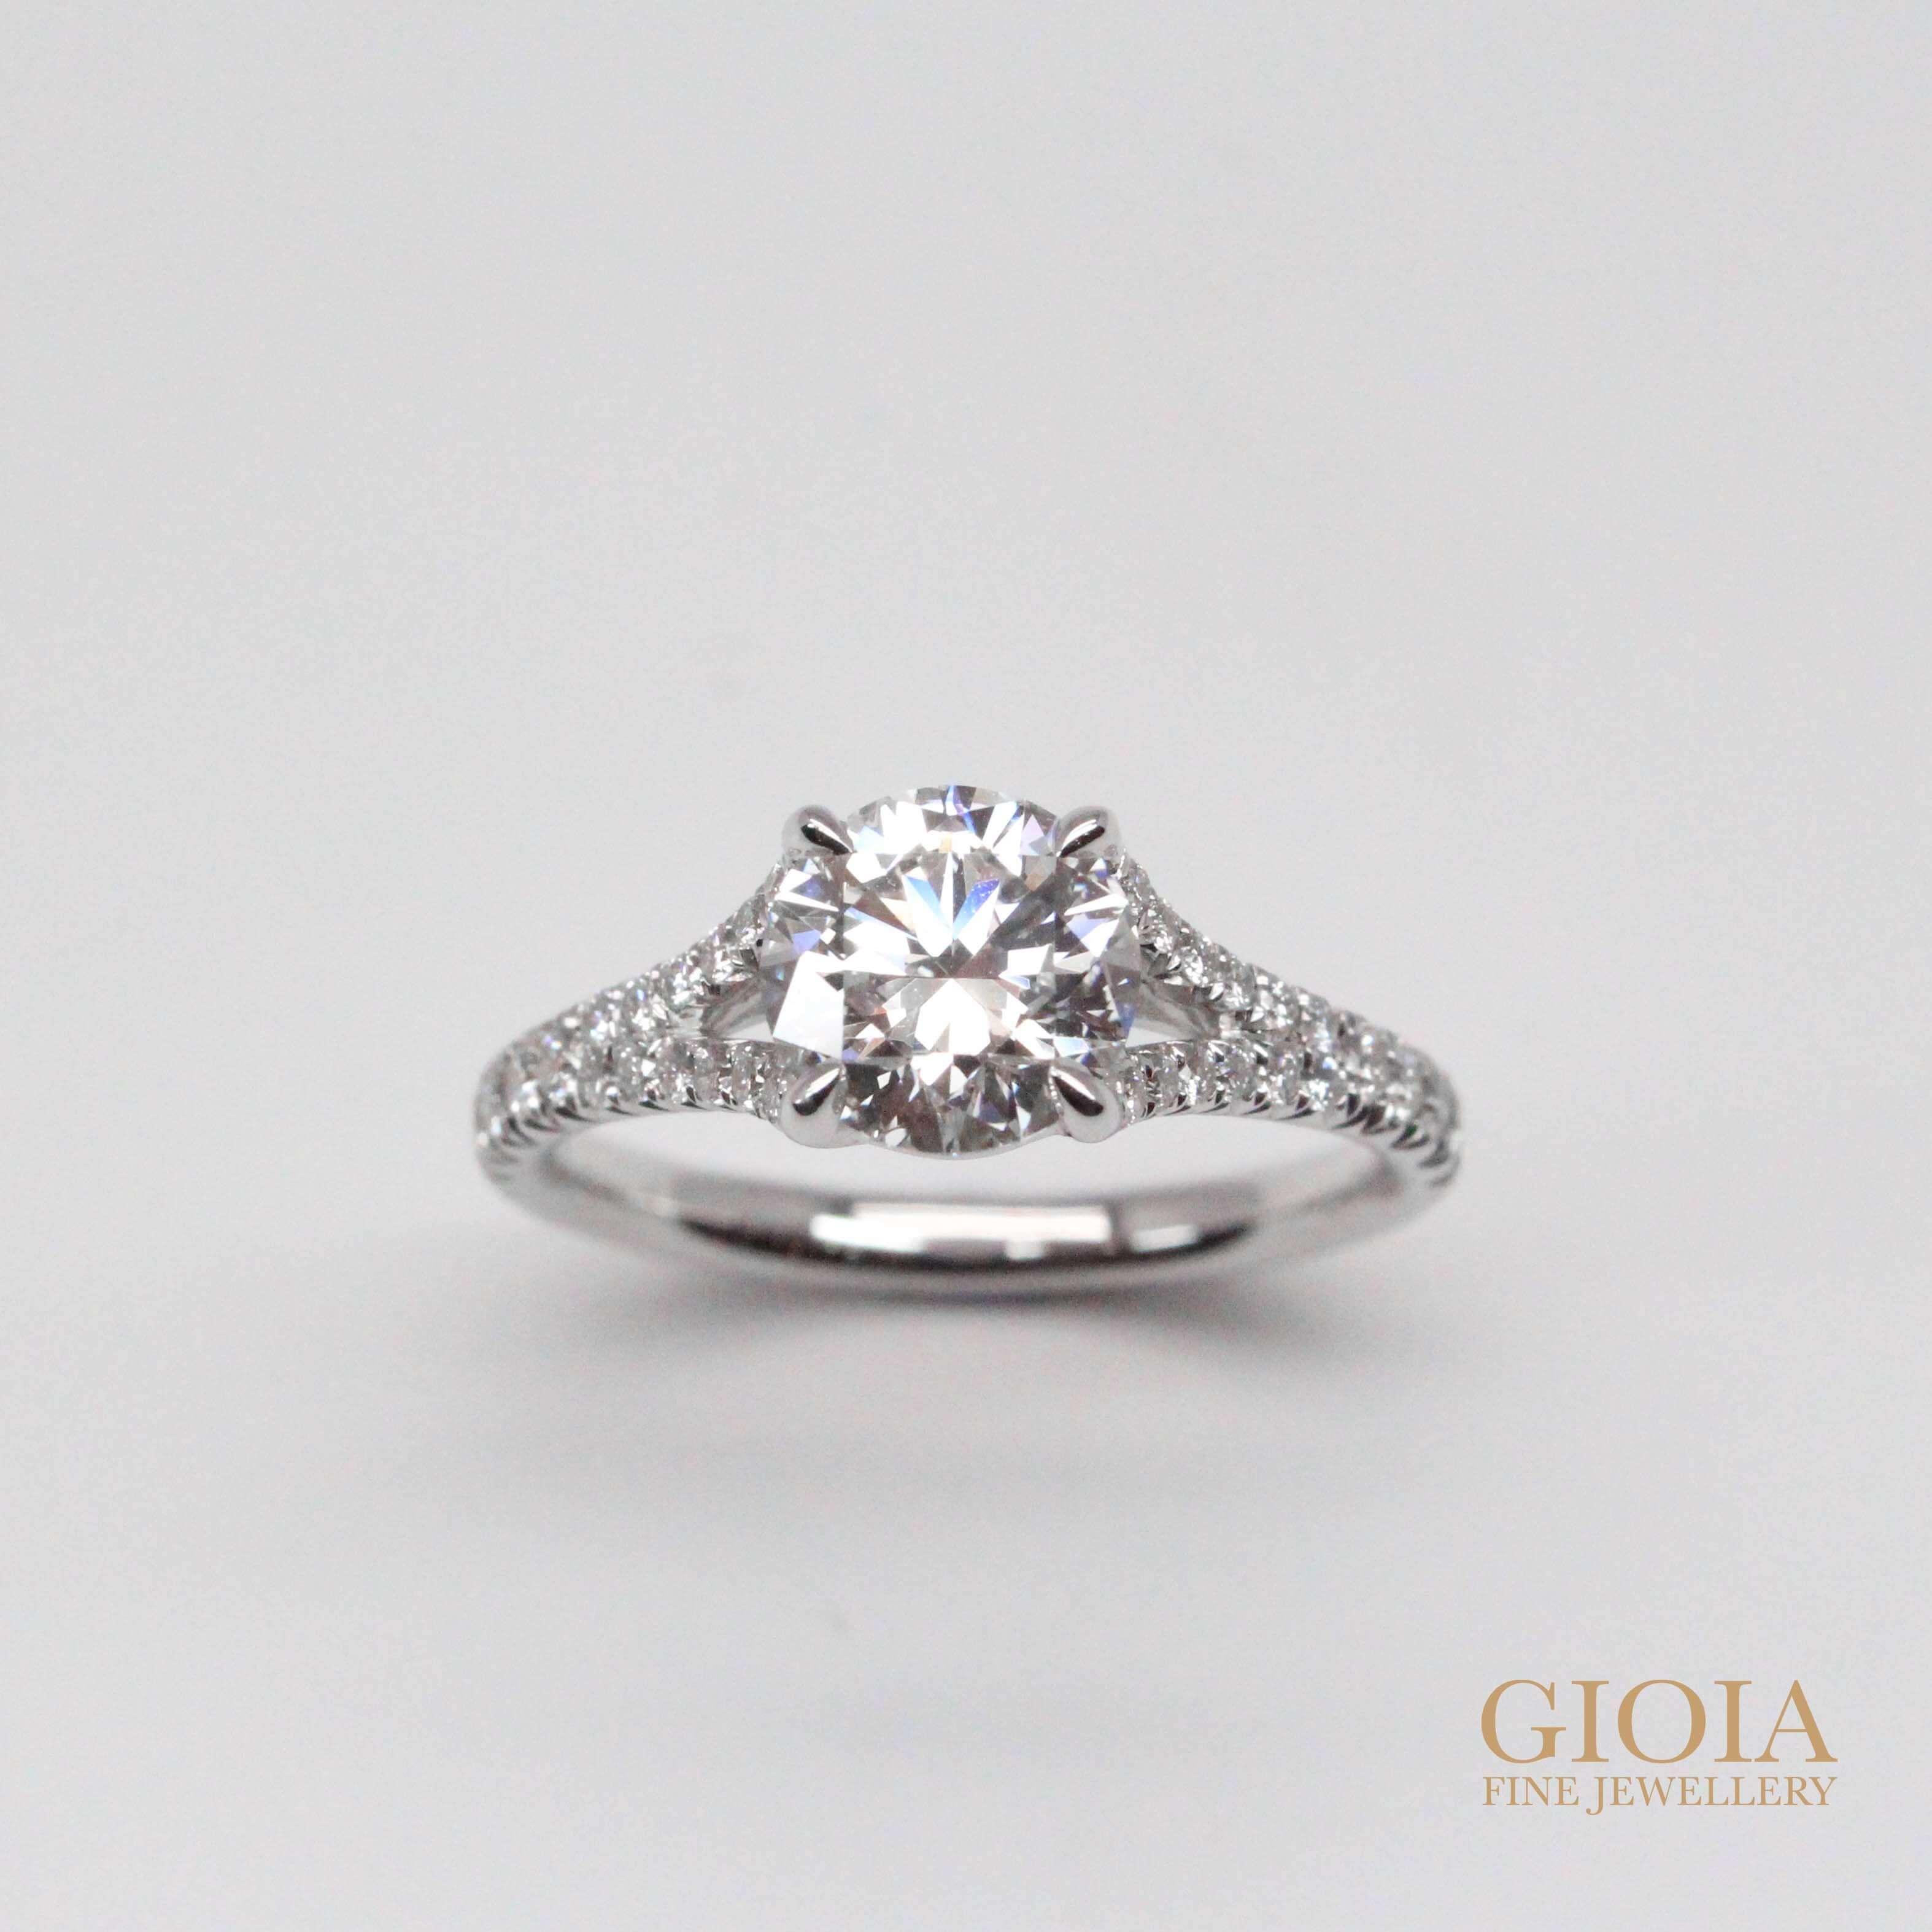 Unique Diamond Proposal Ring - Round brilliant ideal diamond with unique solitaire design | Local Customised Jeweller